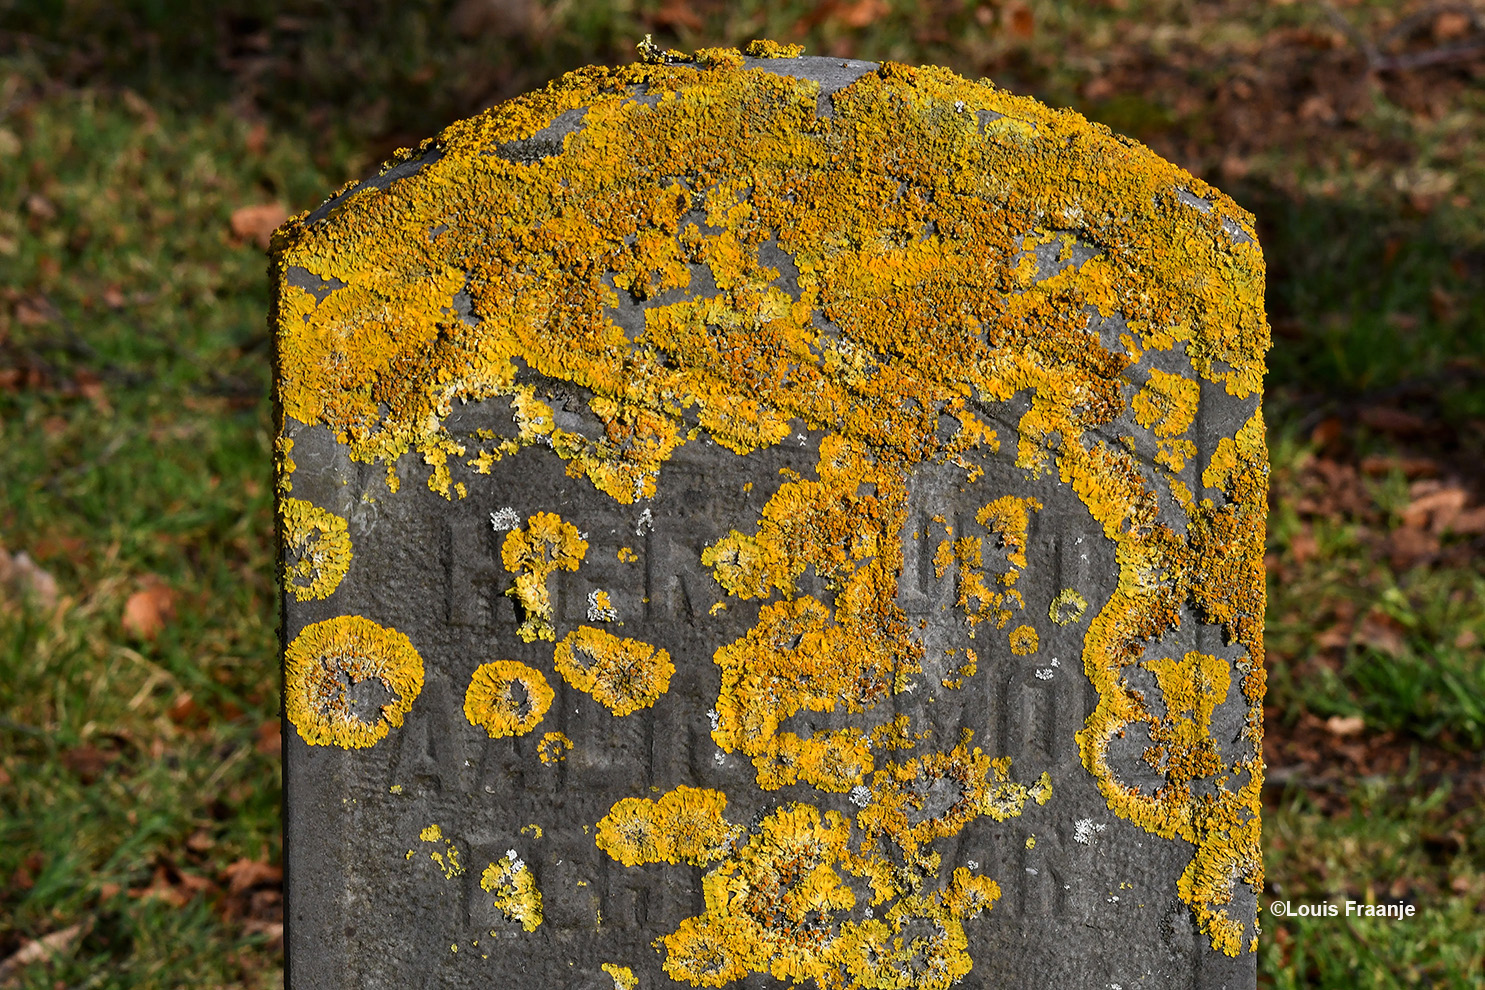 Deze oude, bemoste en bijna onleesbare grafsteen, geeft maar weer eens heel duidelijk aan wat er overblijft hier op aarde - Foto: ©Louis Fraanje